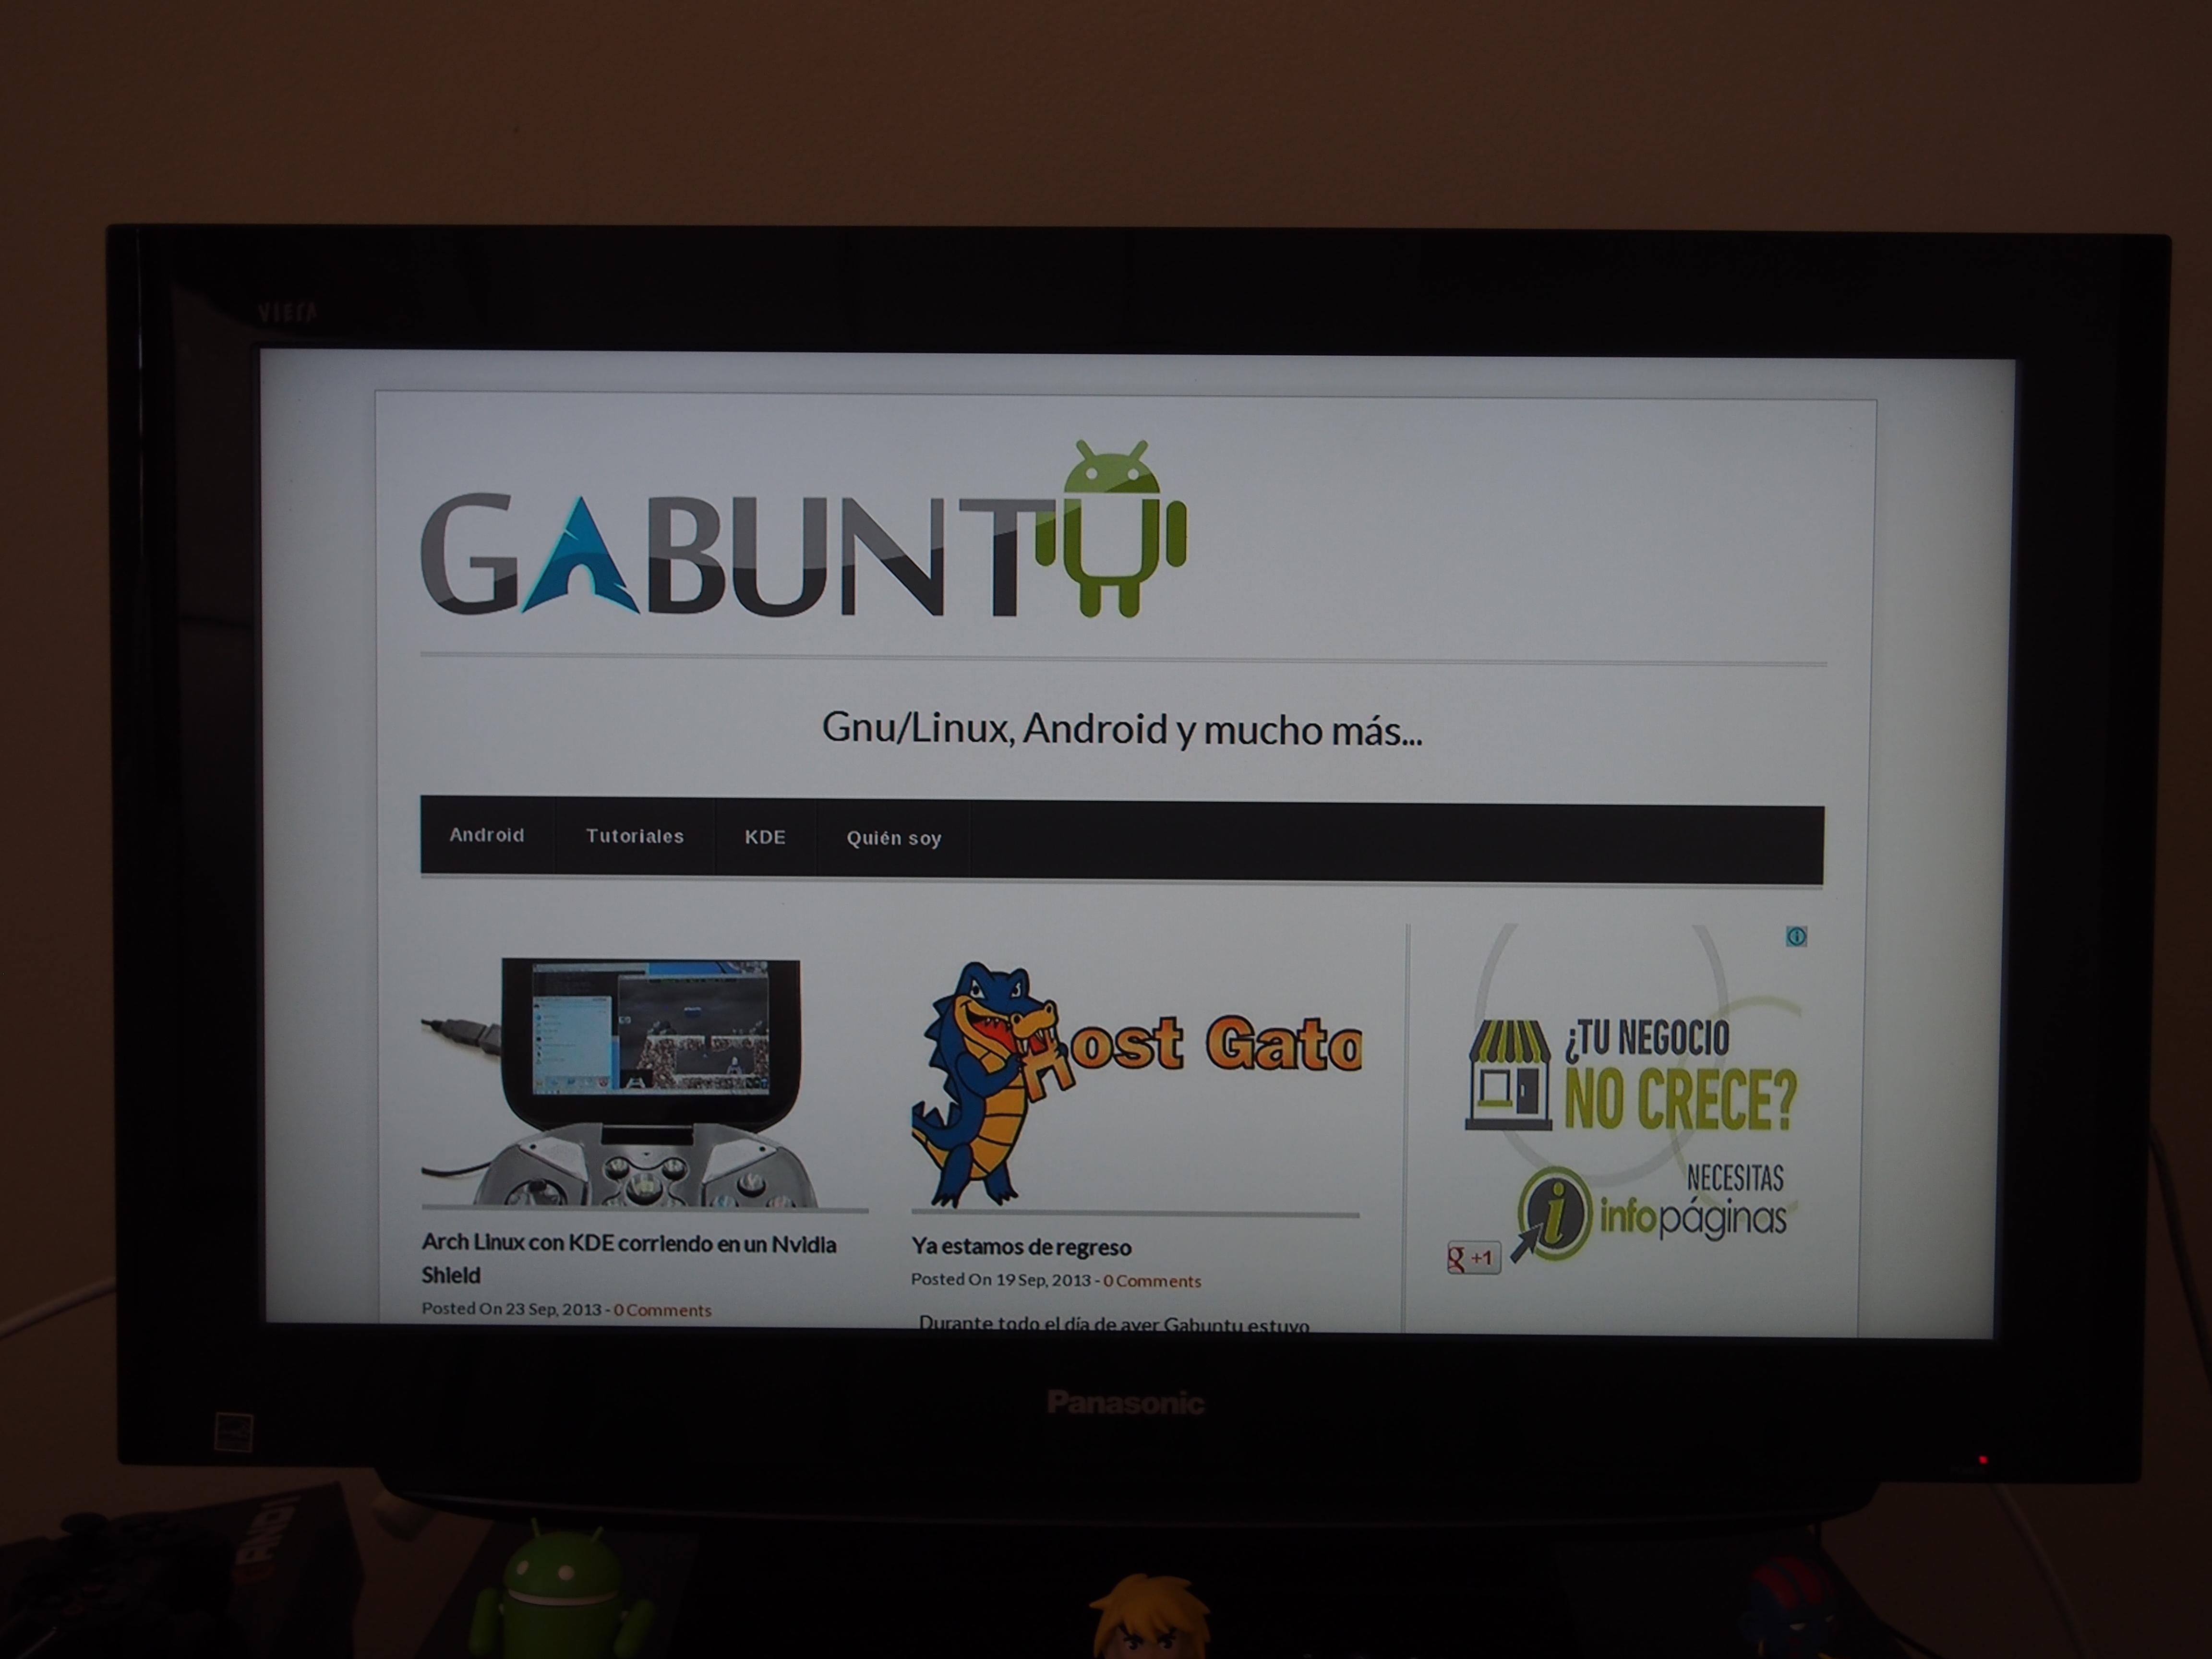 Gabuntu chromecast